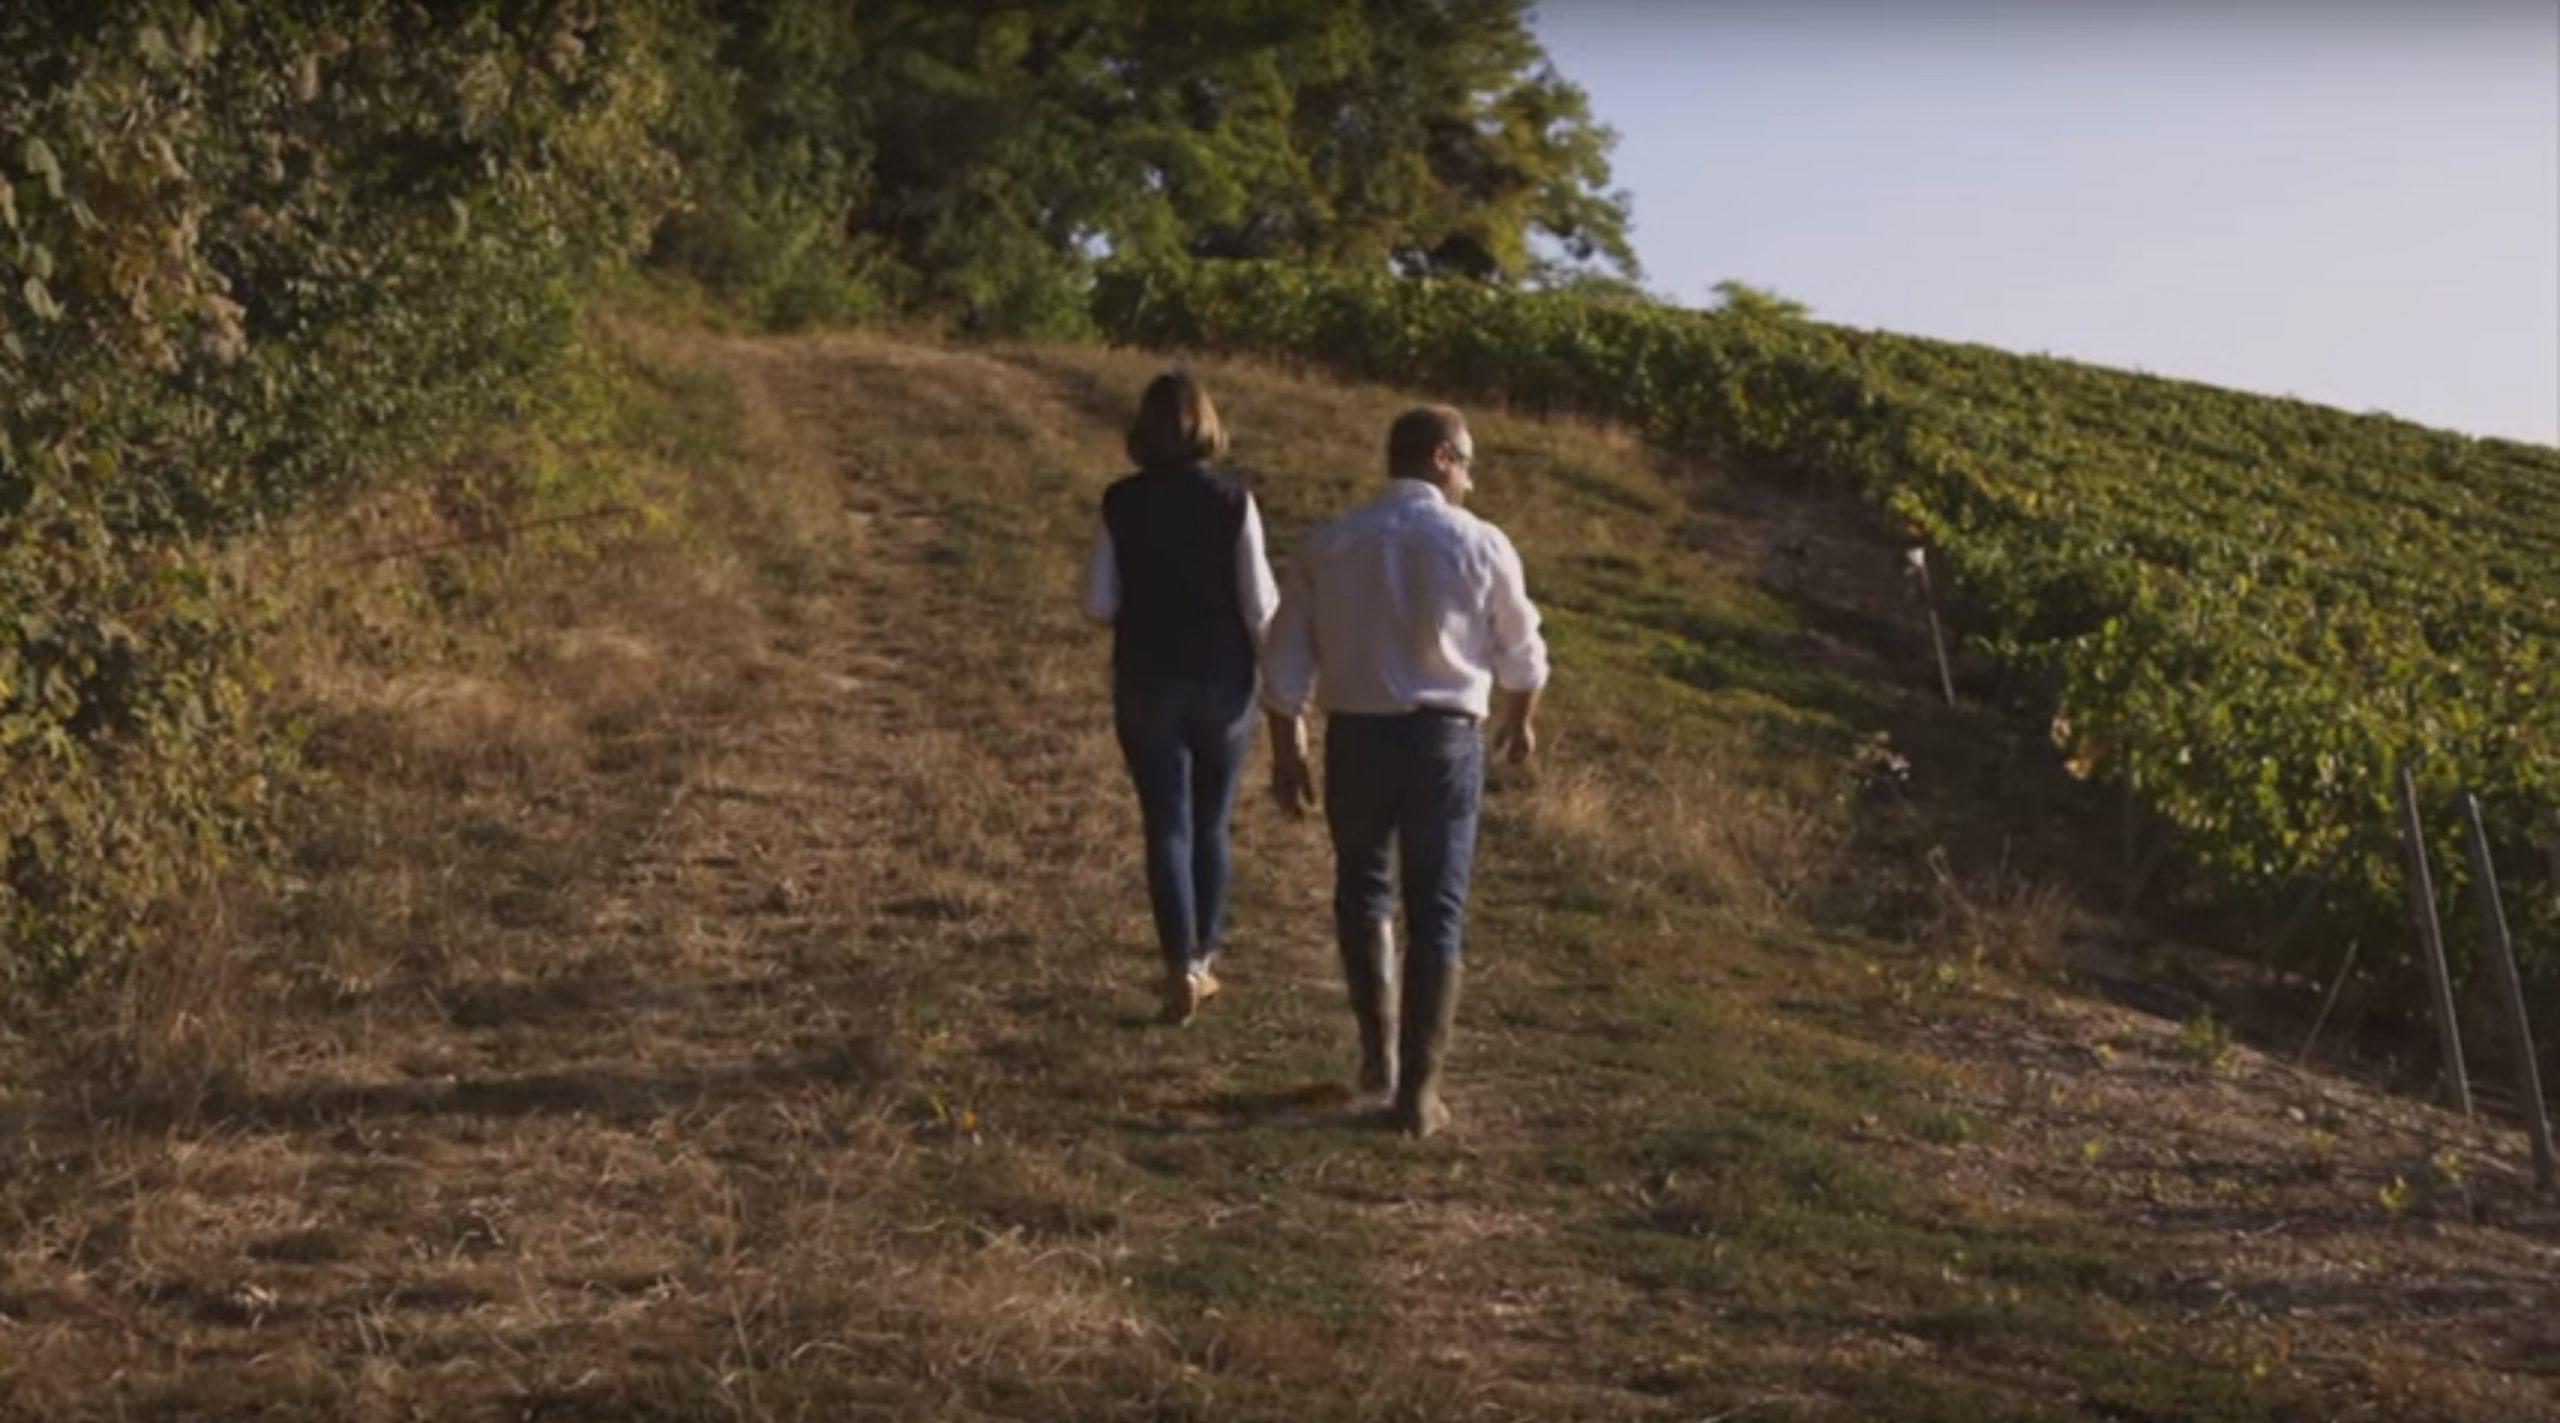 Hélène et Benoit Cocteaux la révélation - Agence Discovery